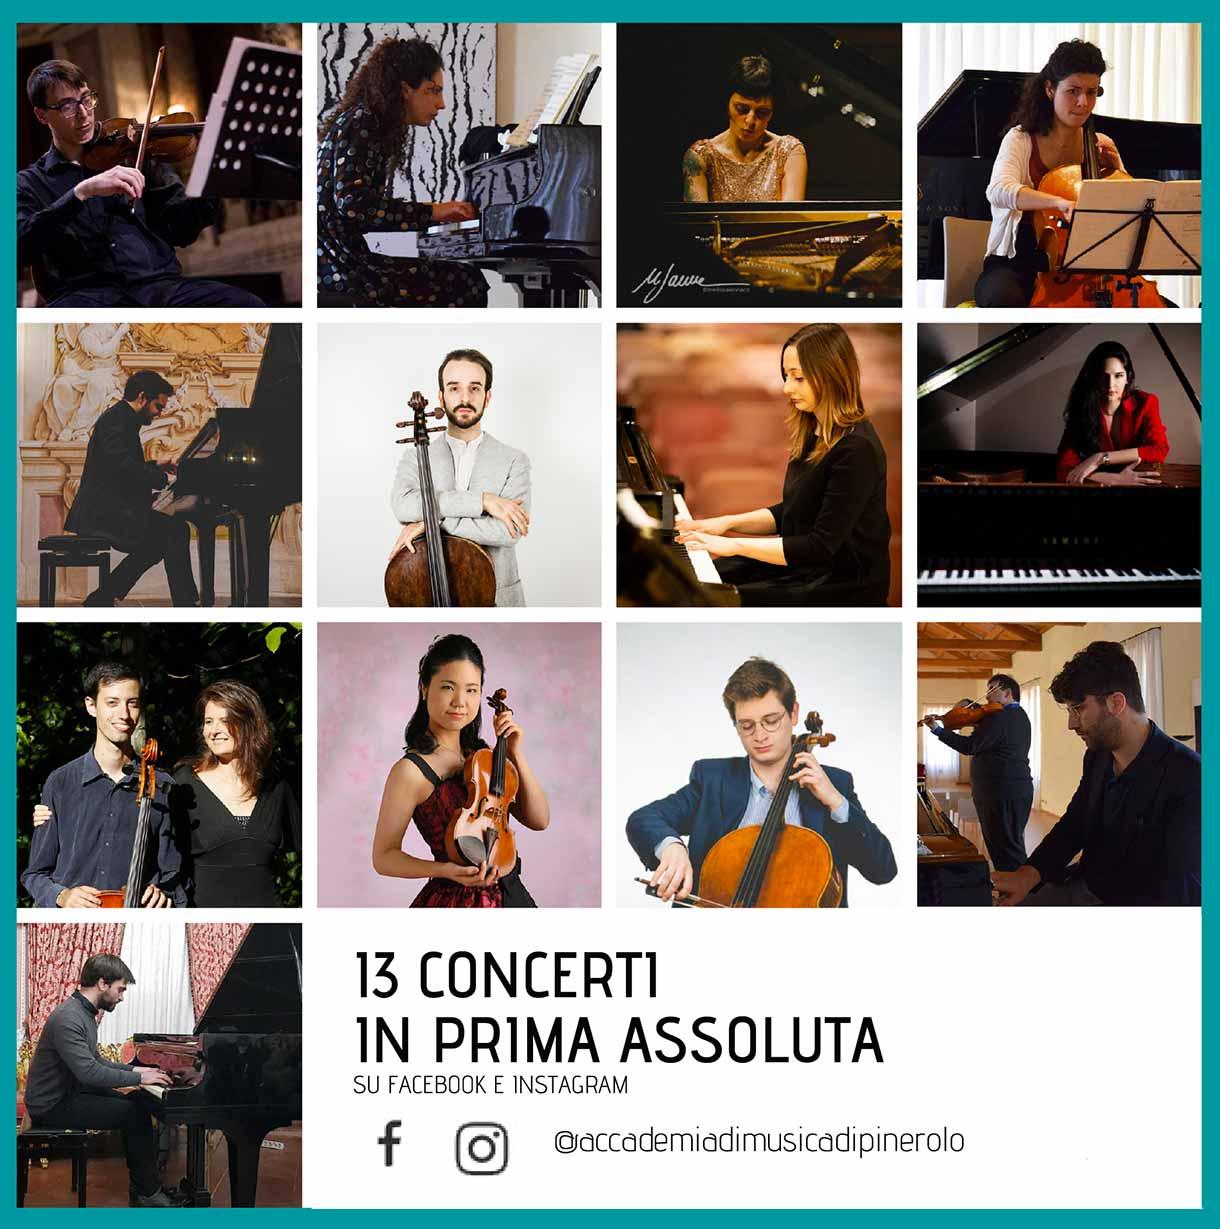 Concertisti di Cosa ti ha promesso la musica?